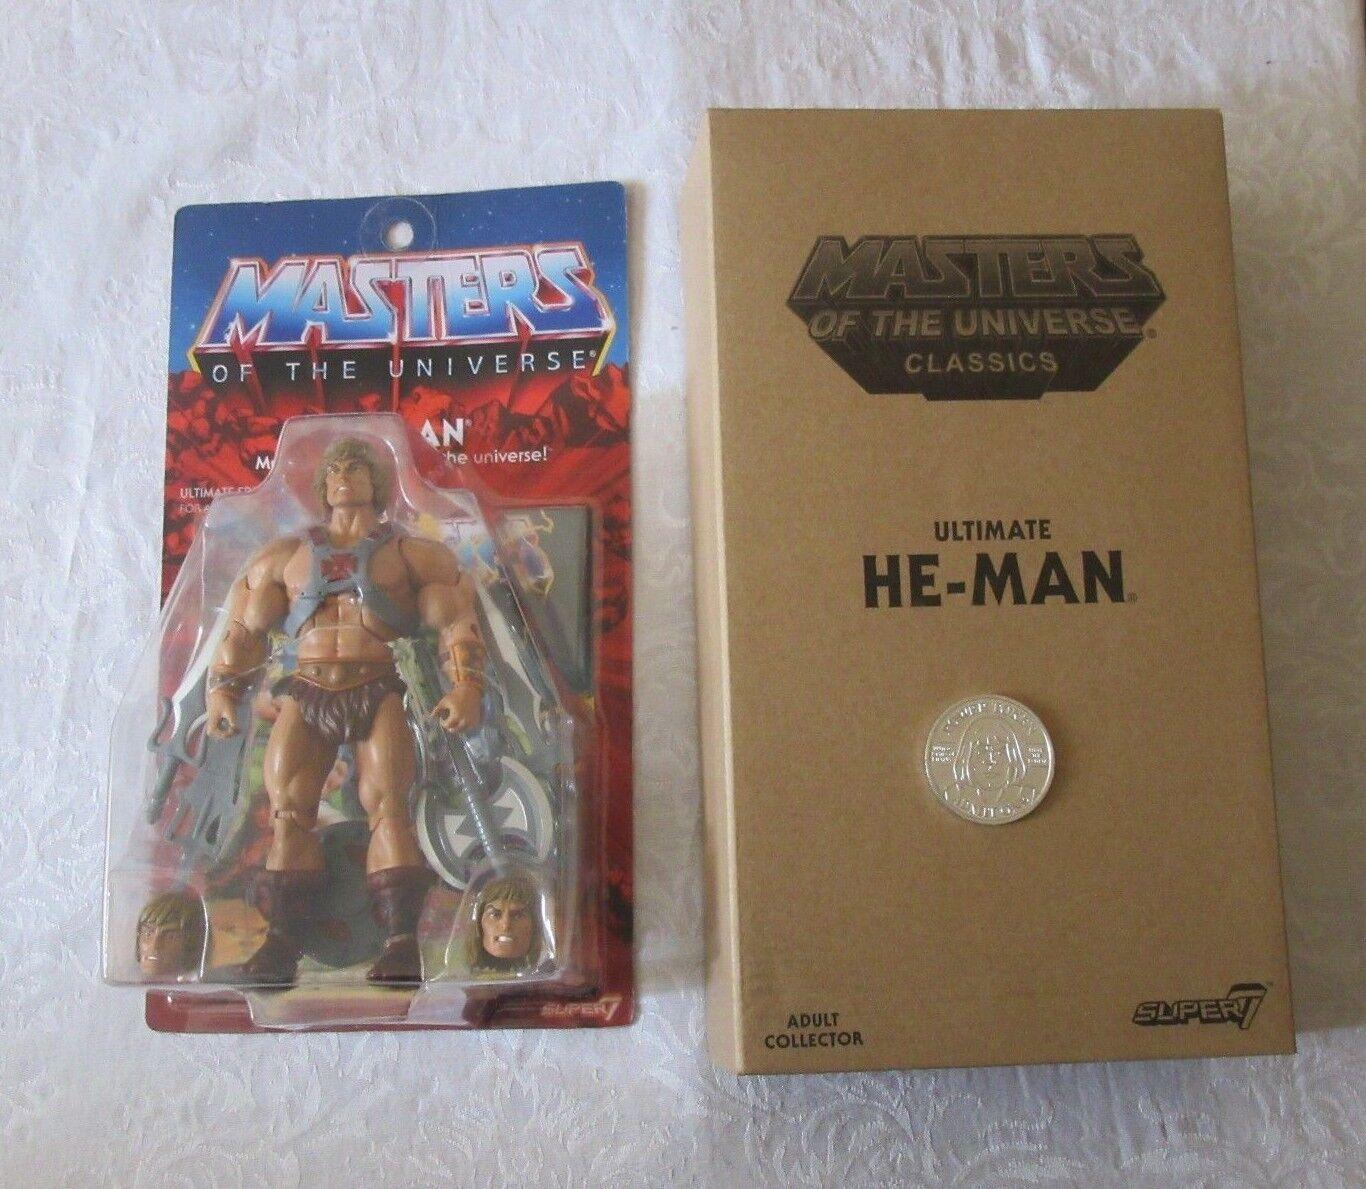 servicio honesto súper 7    Amos del universo Amos Del Universo clásicos He-Man Moneda Con Figura De Acción  connotación de lujo discreta